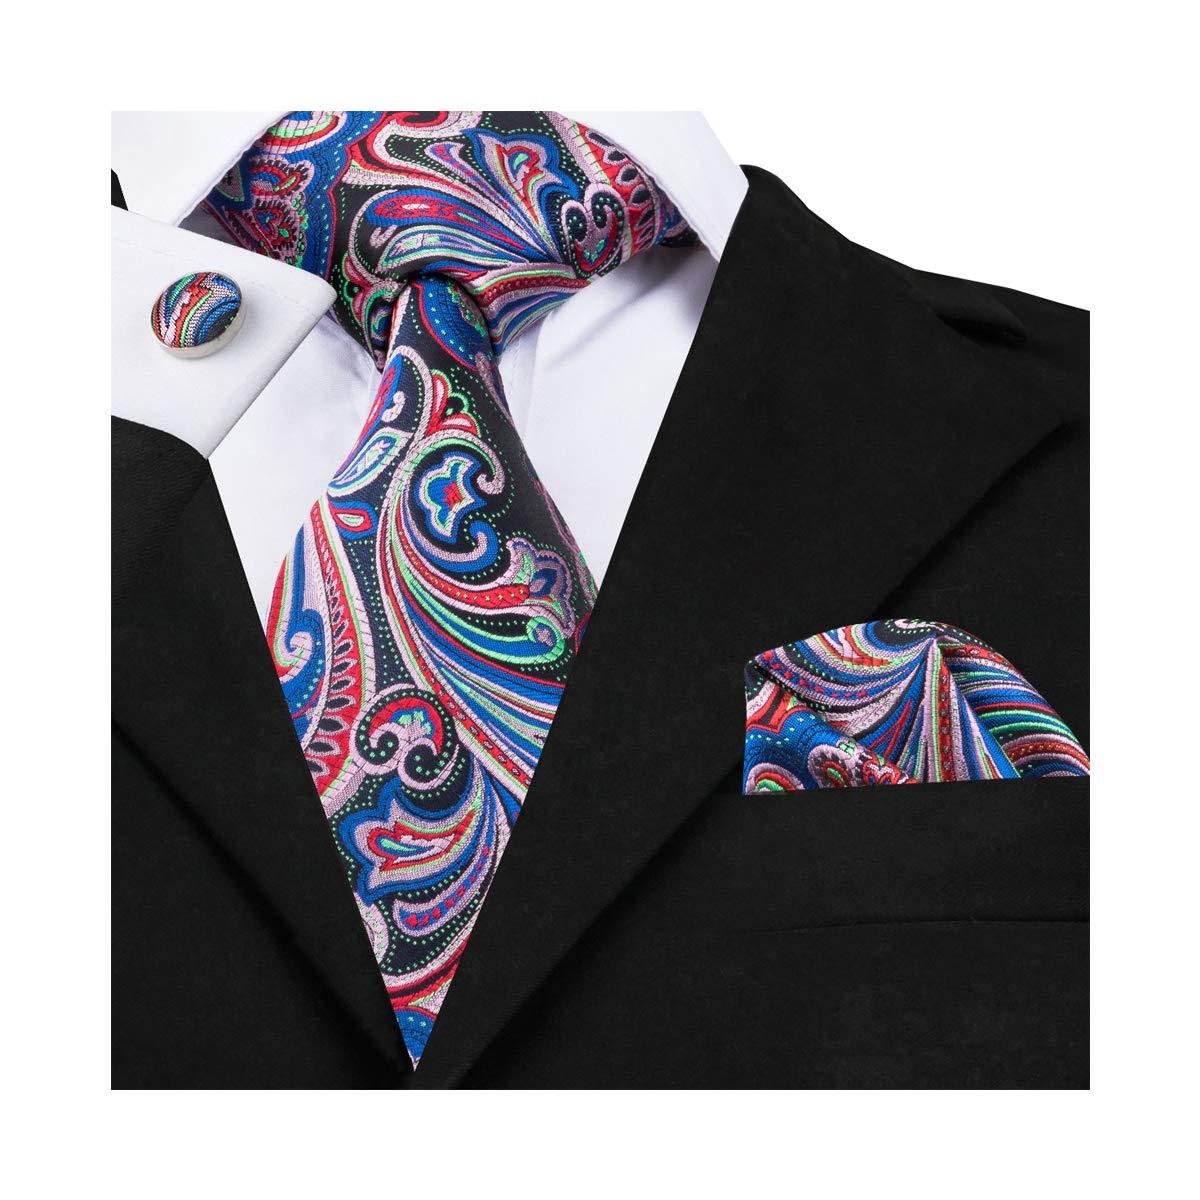 DiBanGu Paisley Woven Tie Handkerchief Classic Men's Necktie Cufflinks Tie Clip Set QVN-1692